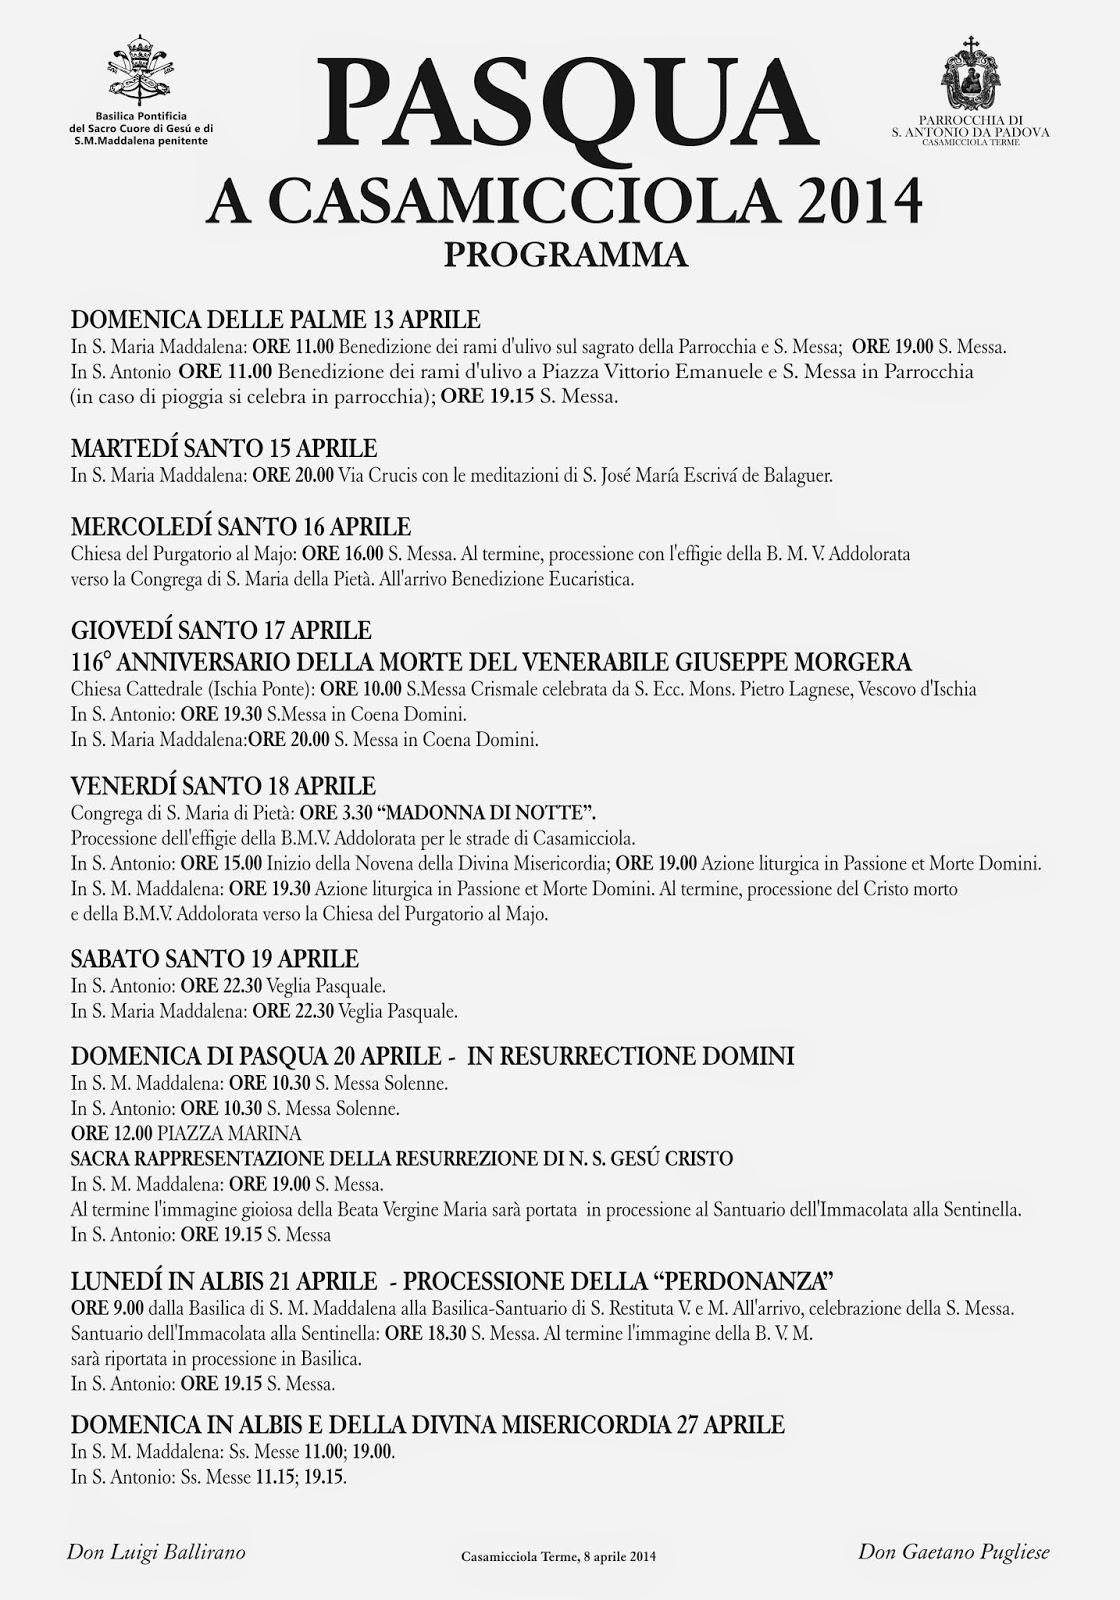 Il programma della Pasqua 2014 a Casamicciola Terme